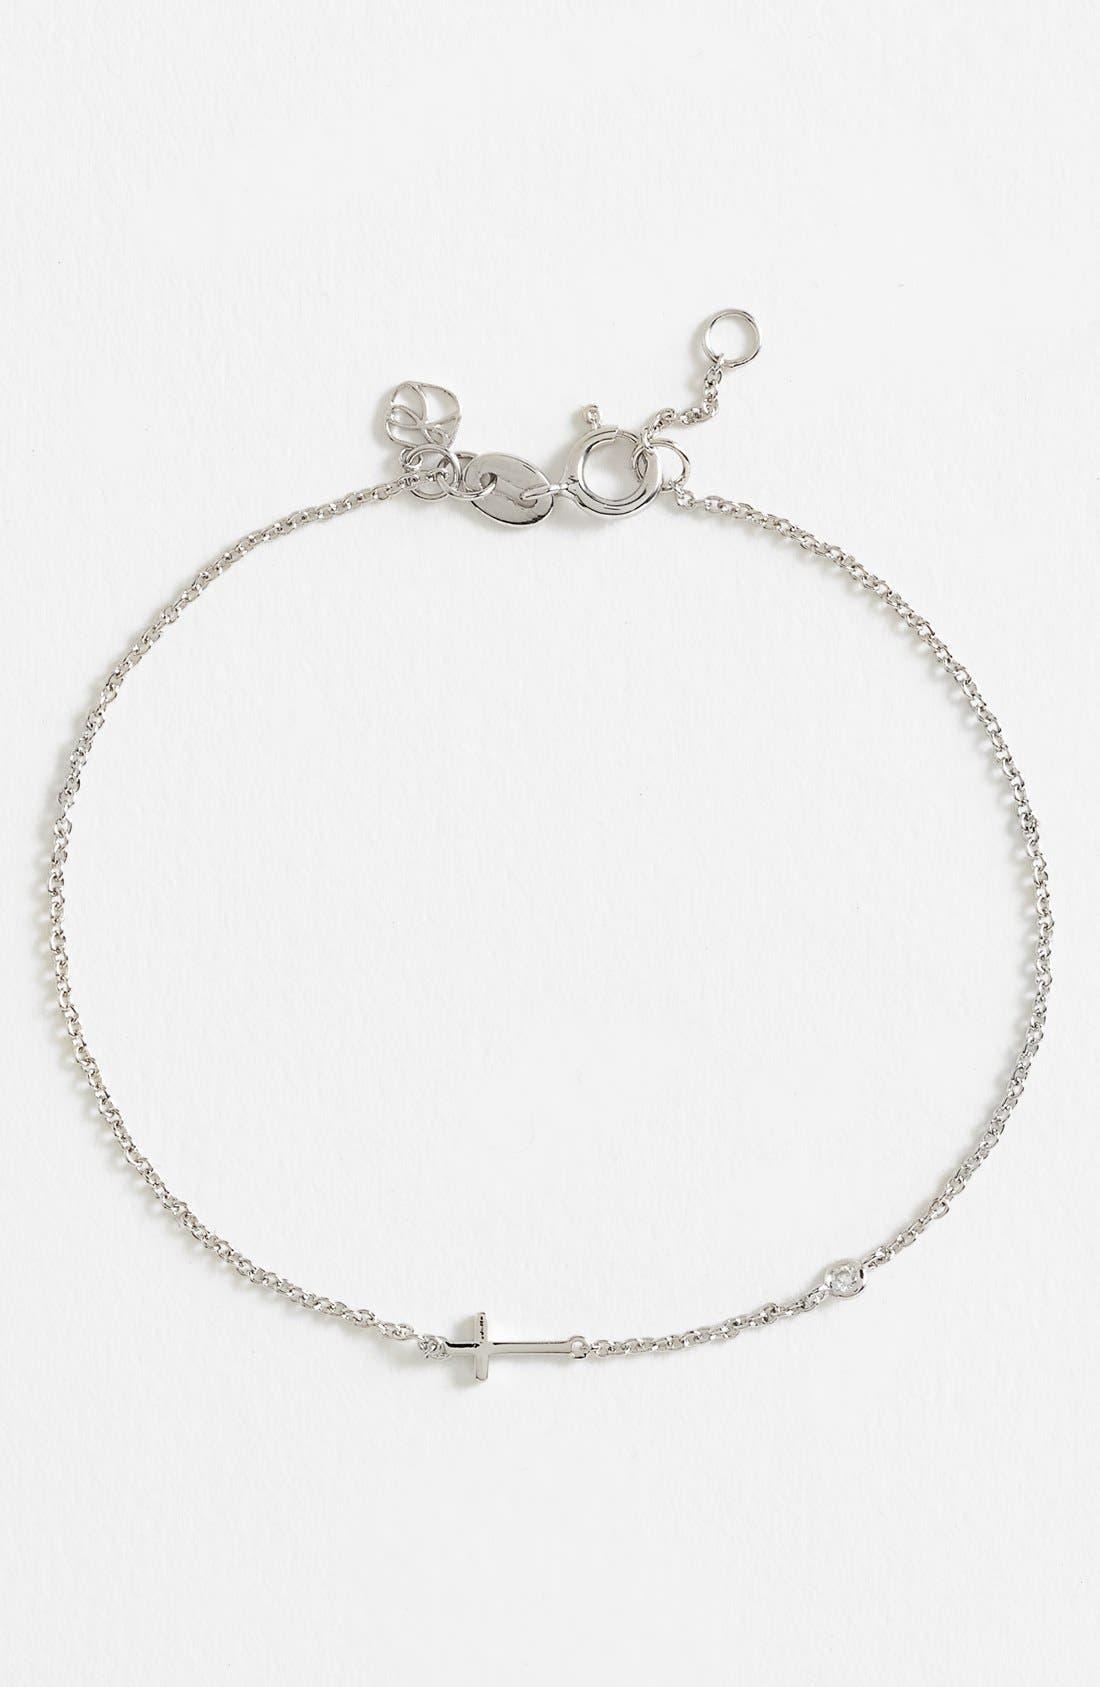 Main Image - Shy by SE Cross Bracelet